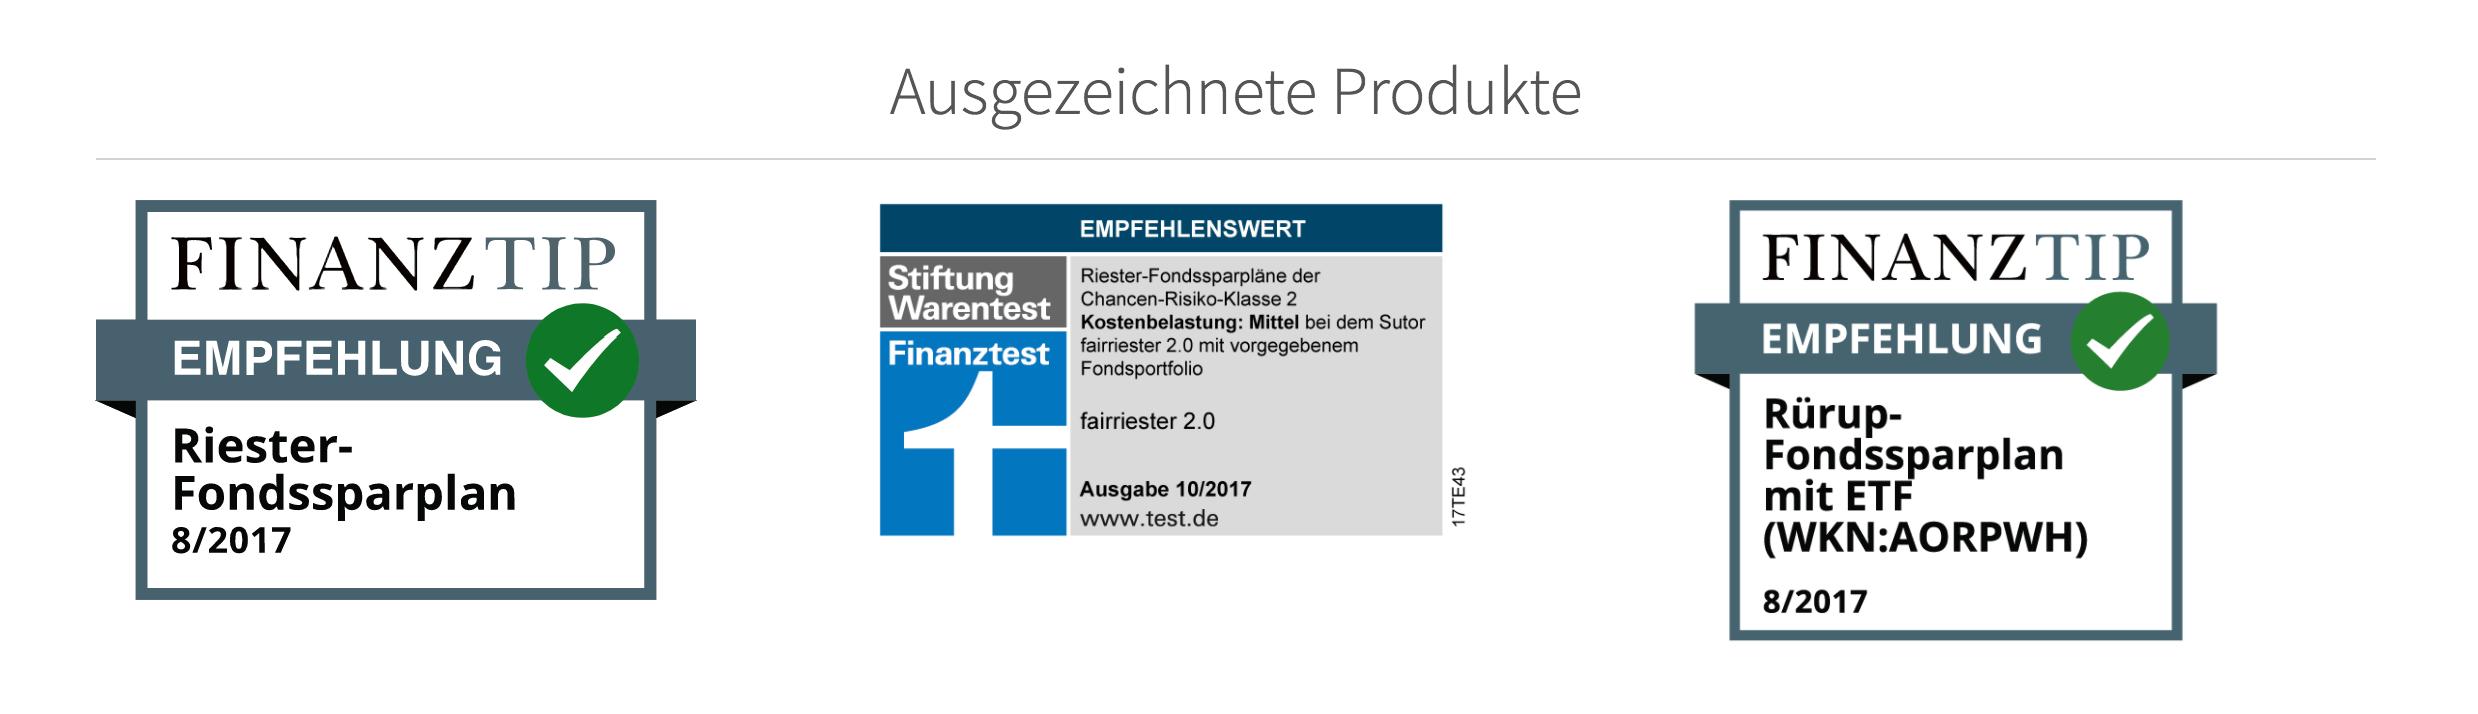 Fairr.de bietet Produkte, die bereits ausgezeichnet wurden